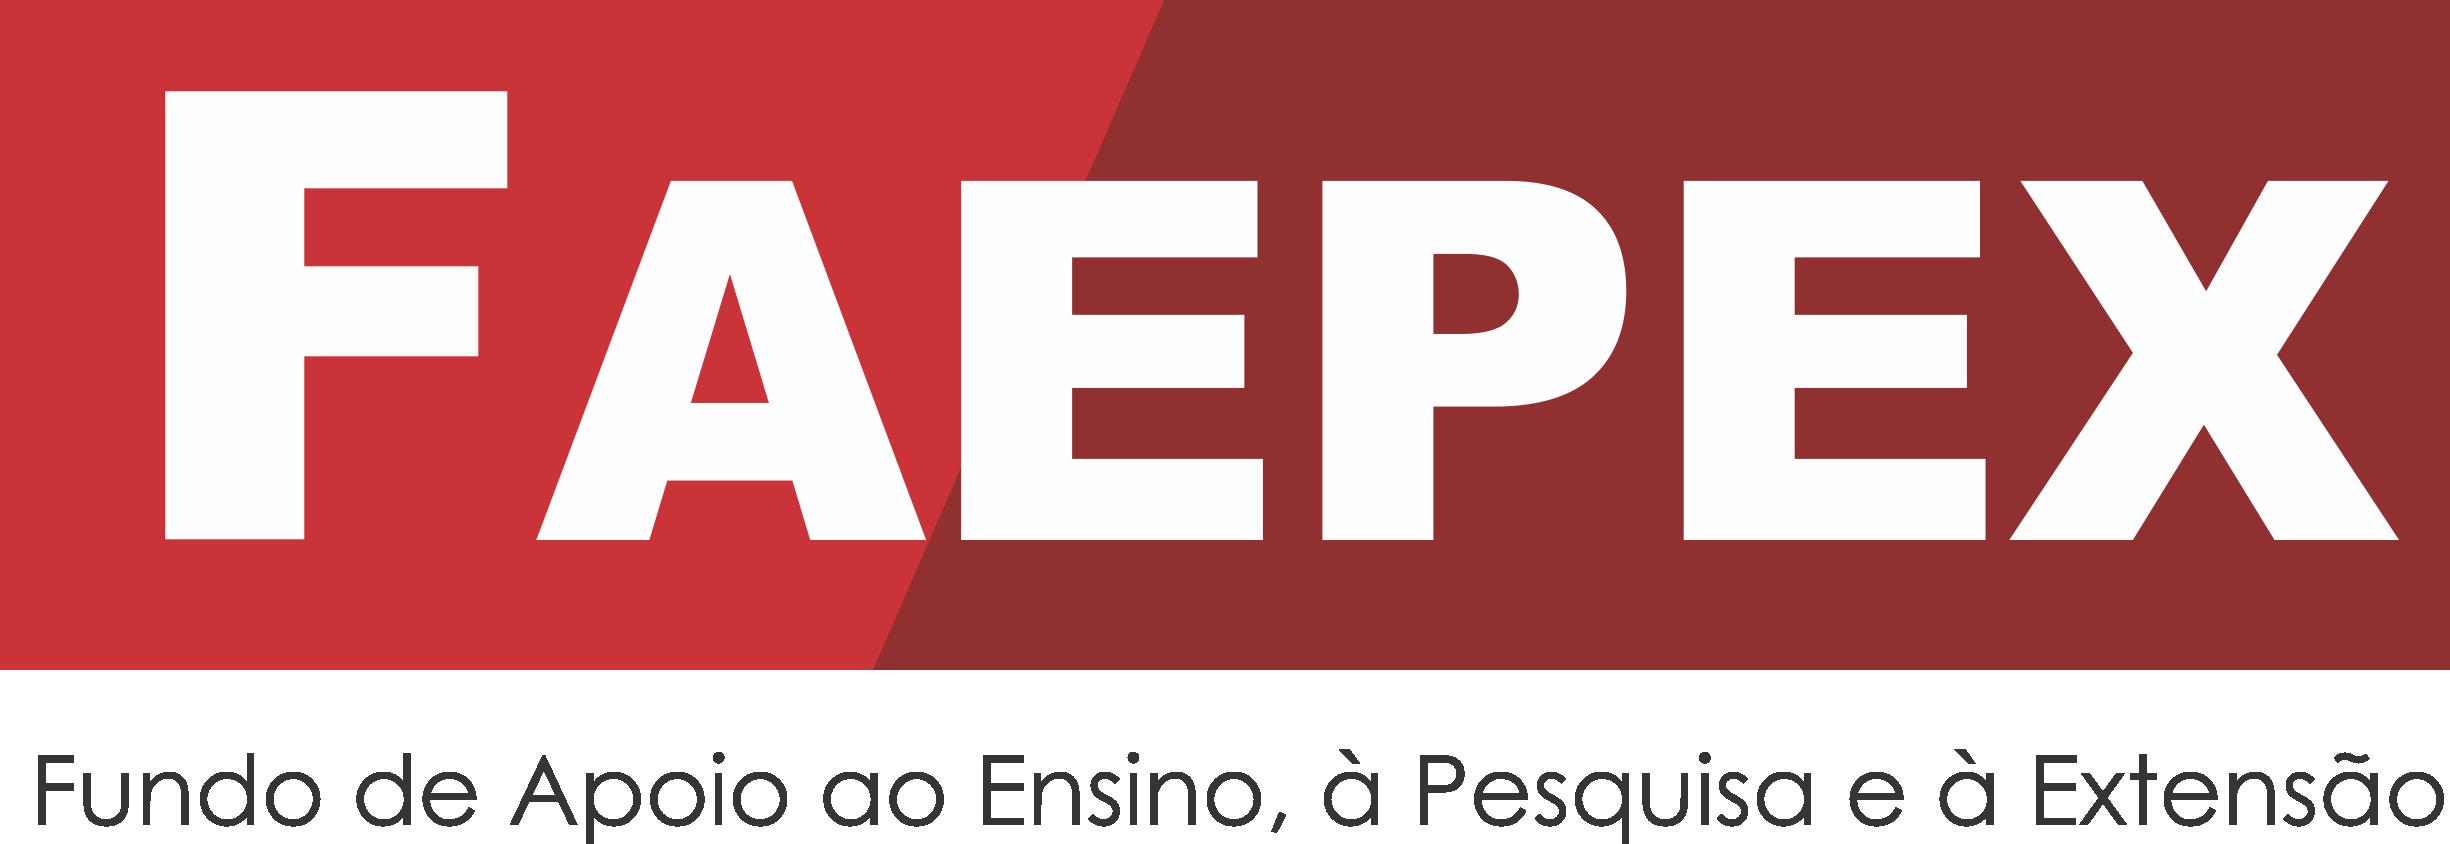 logo-faepex (1)